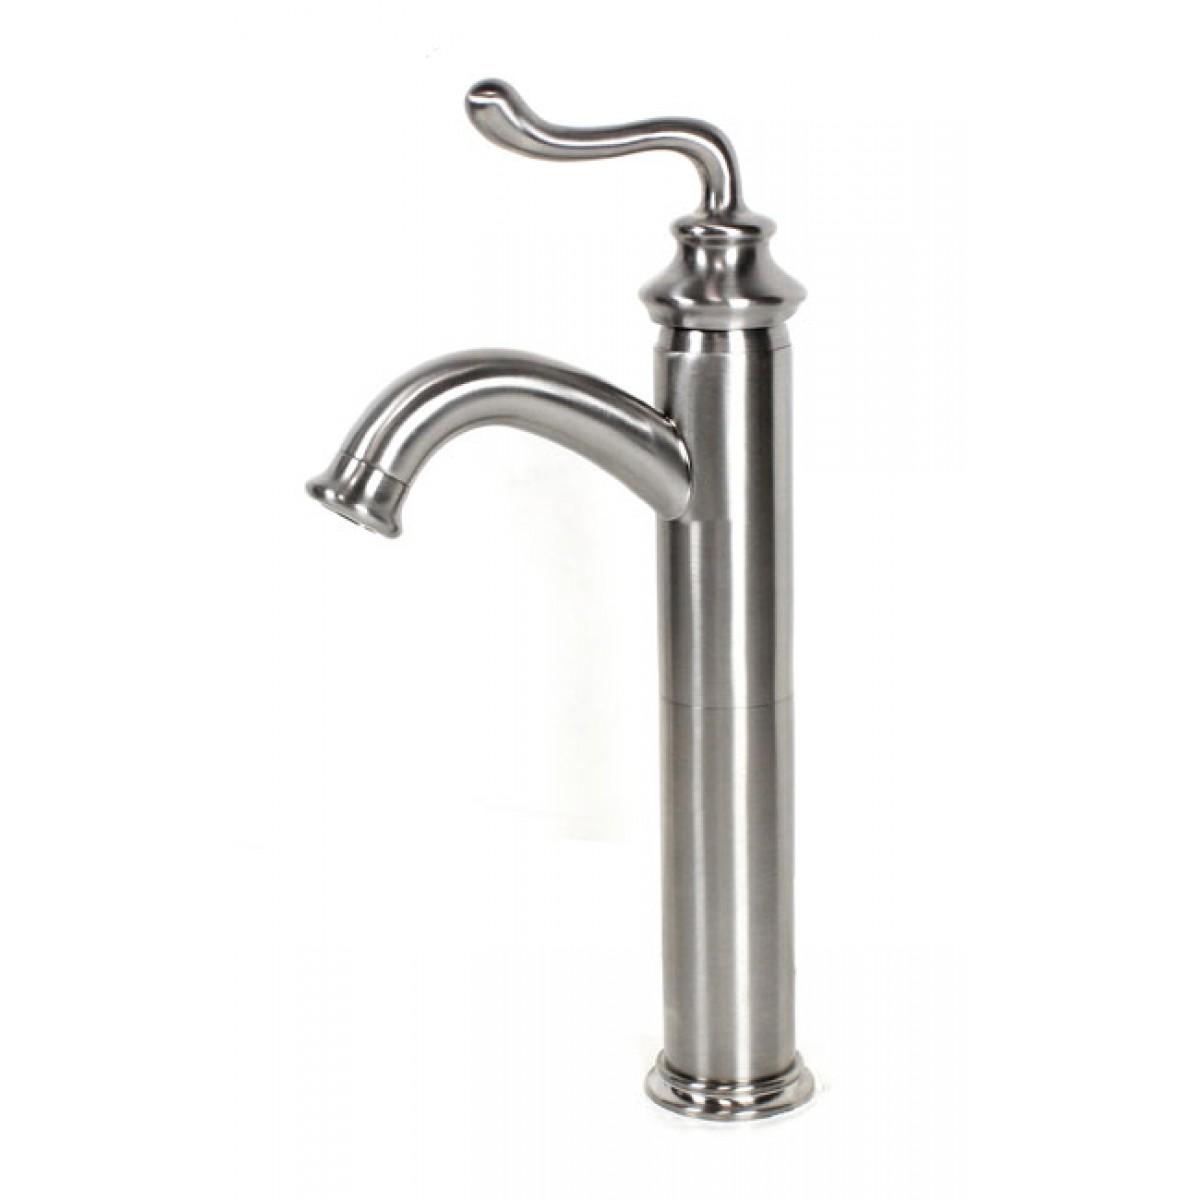 Lead free faucet brushed nickel bathroom lavatory vessel for 8 bathroom faucet in brushed nickel